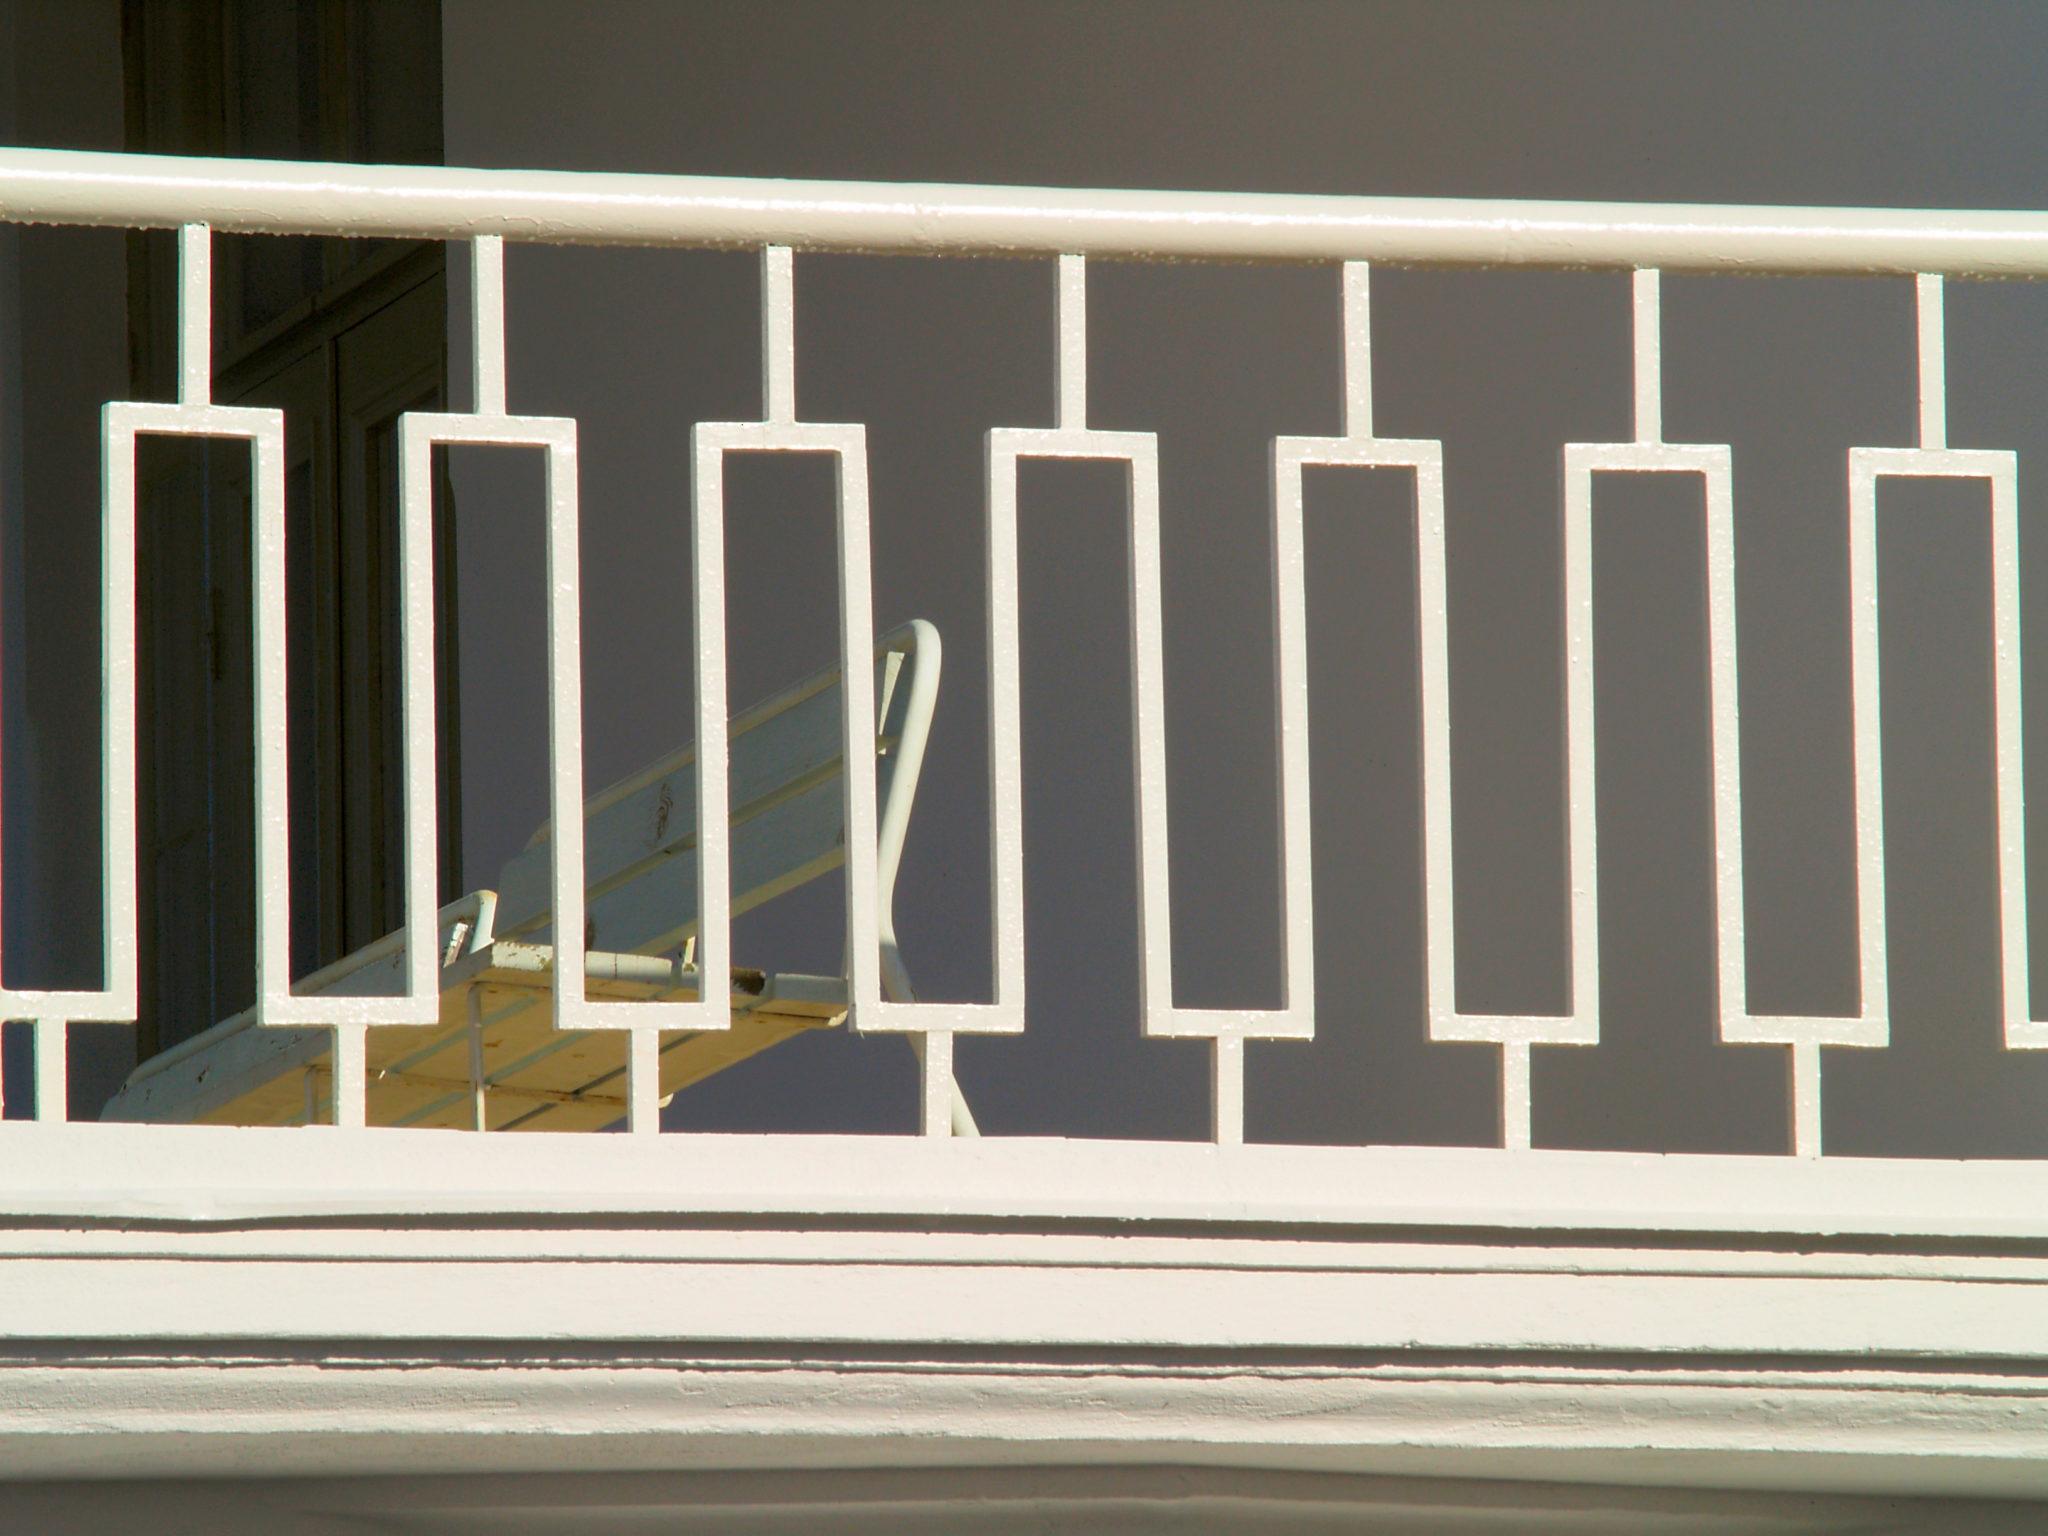 Kaide – The Handrail / 2007